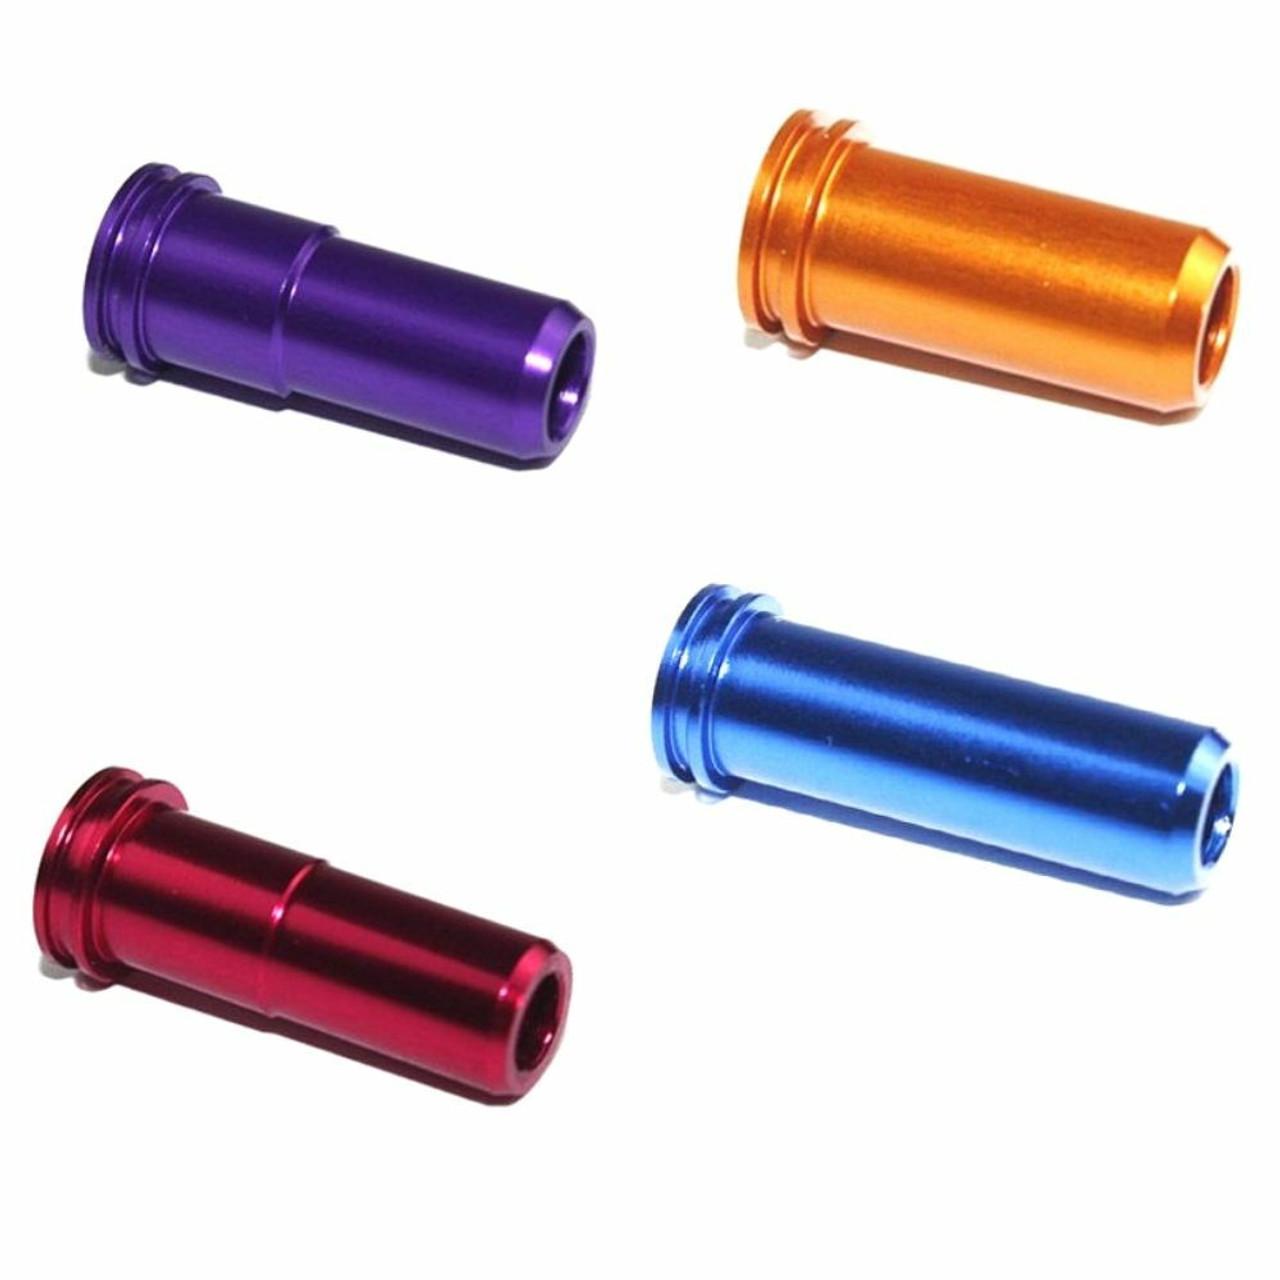 AEG Air Seal Nozzles